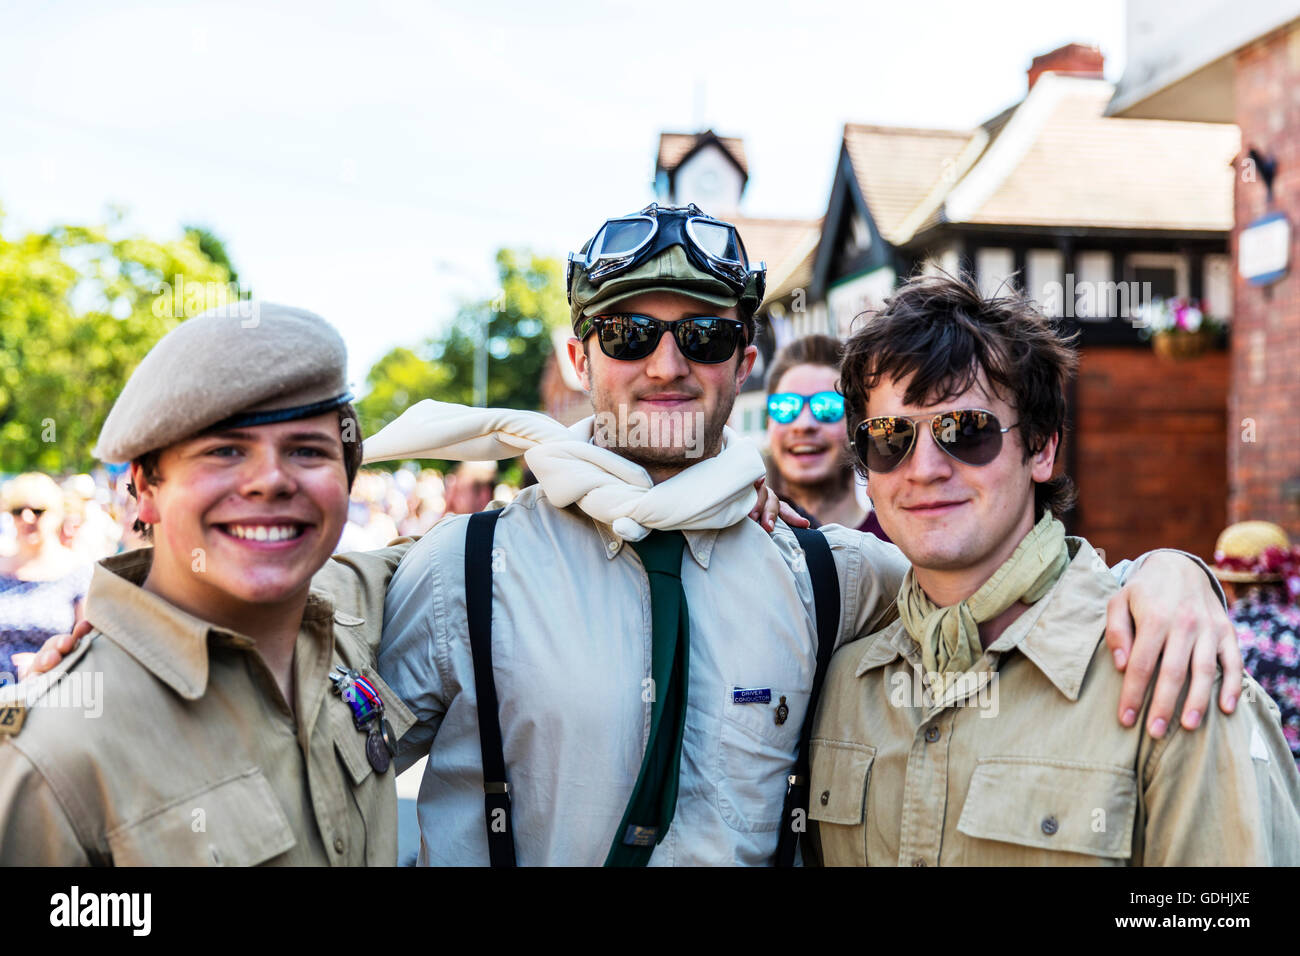 3 amis pals amis collègues pilotes de l'équipage de l'US air force des années 1940, l'uniforme Photo Stock